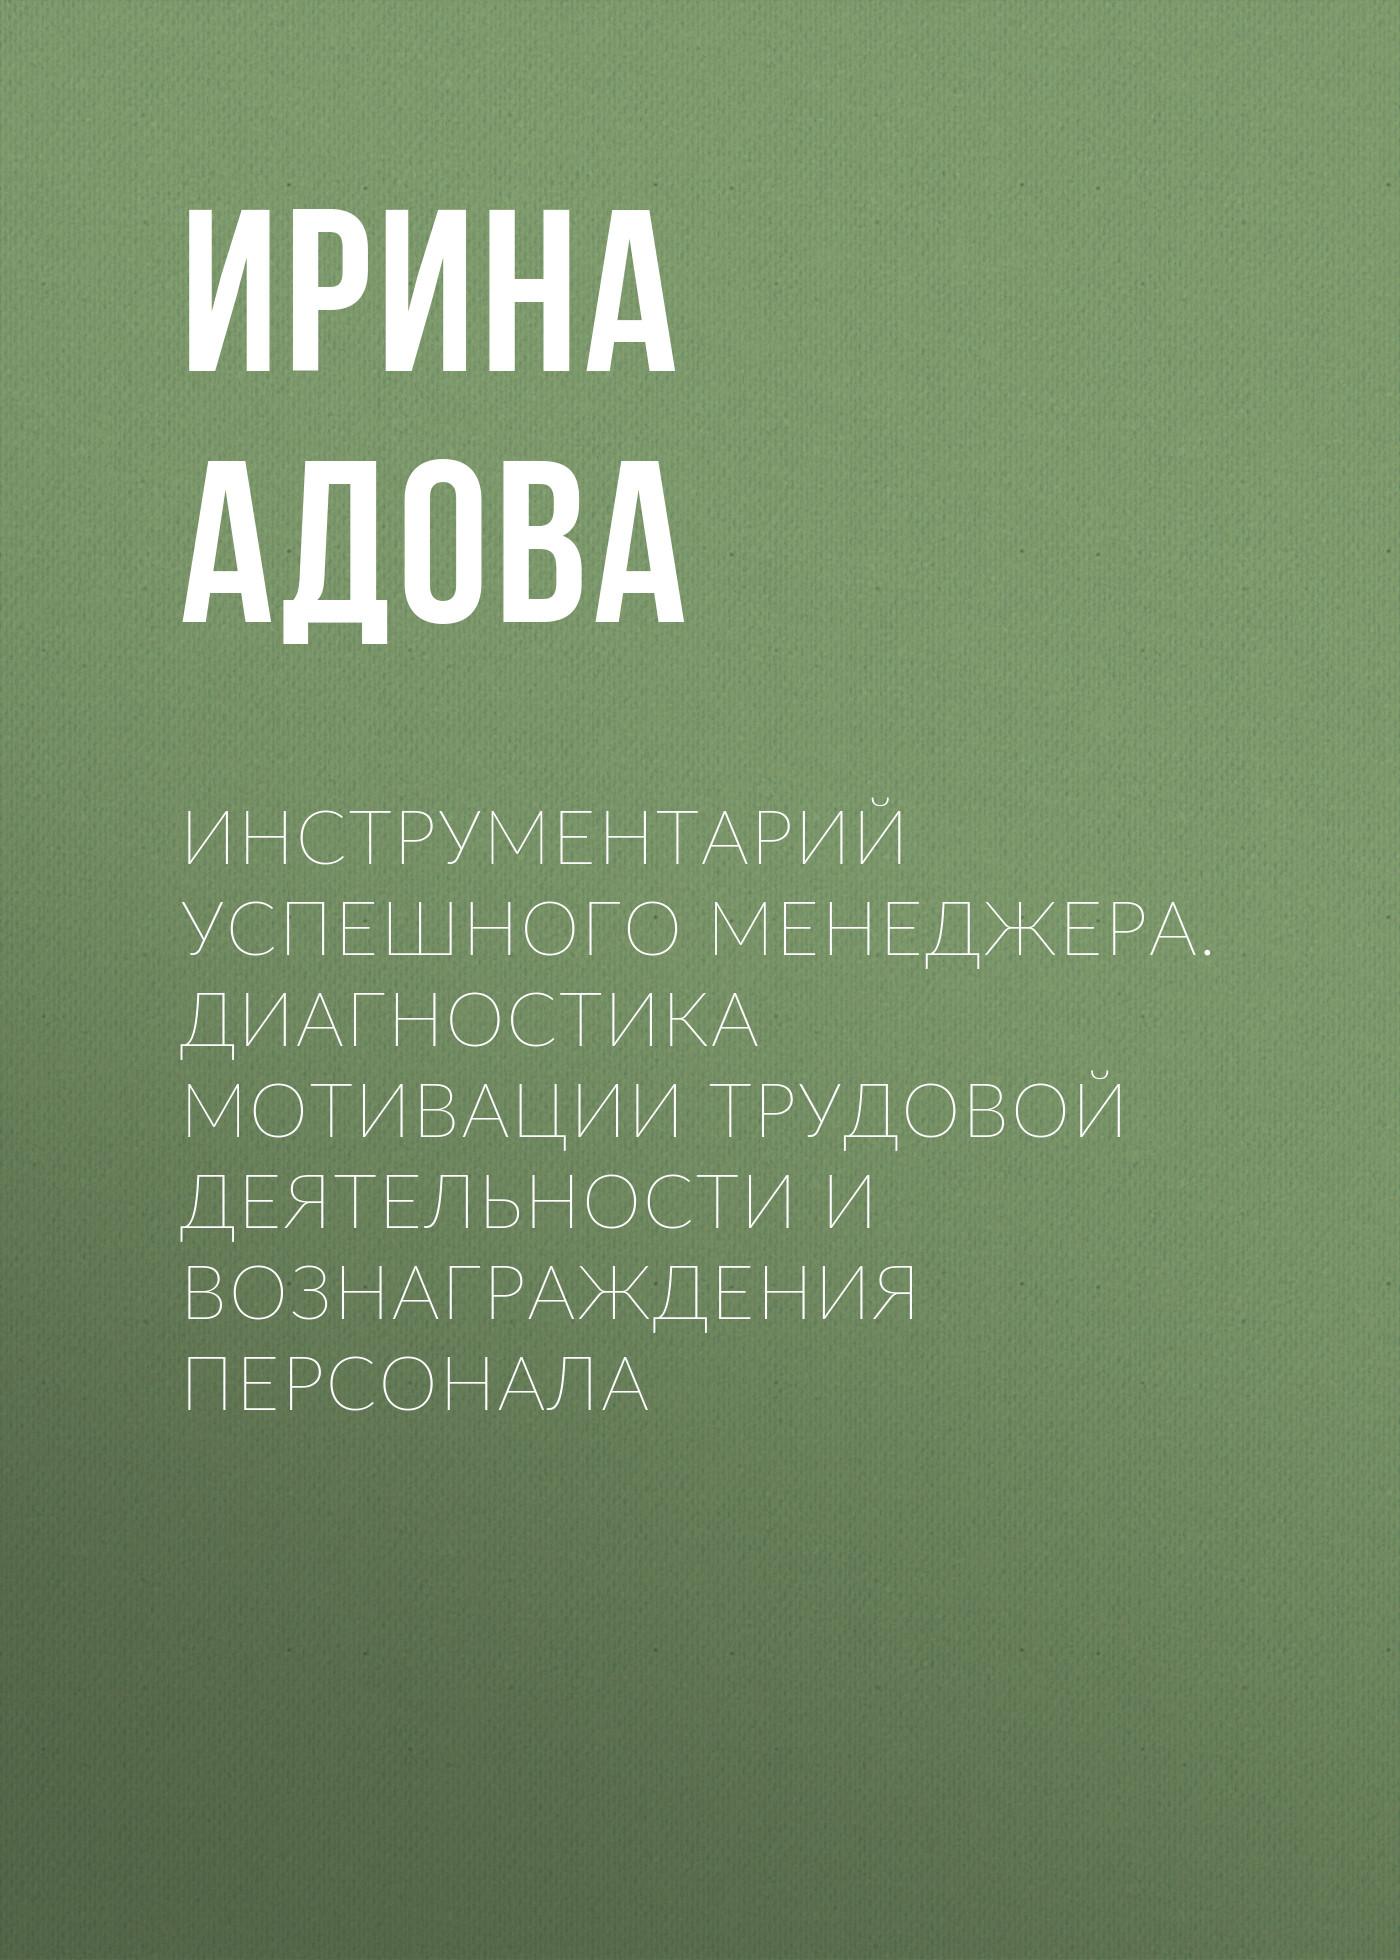 Ирина Адова Инструментарий успешного менеджера. Диагностика мотивации трудовой деятельности и вознаграждения персонала gross 20801